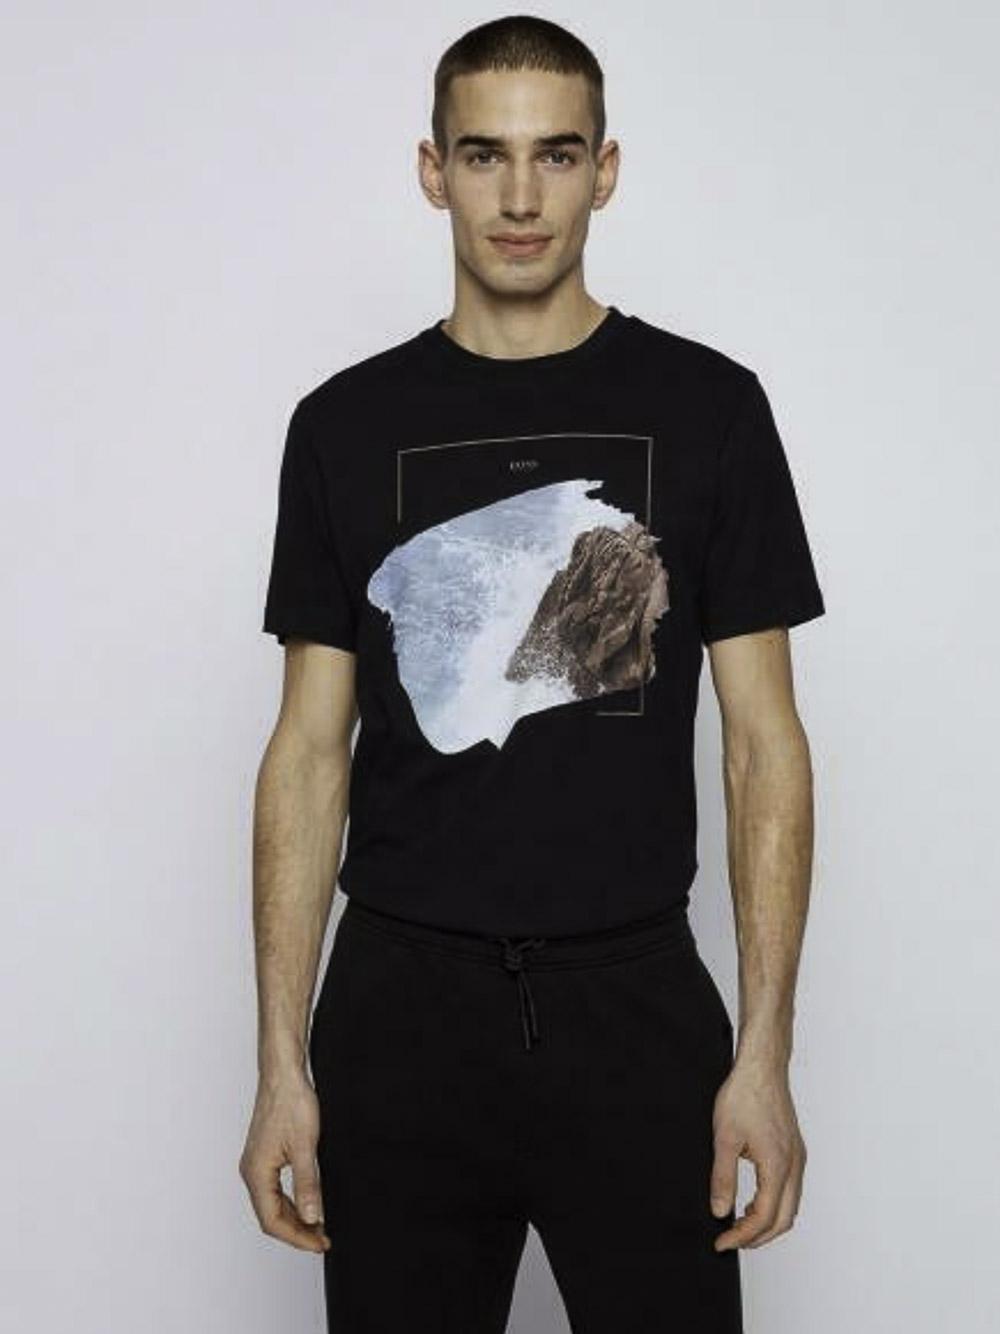 BOSS Μπλούζα t-shirt 50450898-404 ΜΠΛΕ ΣΚΟΥΡΟ